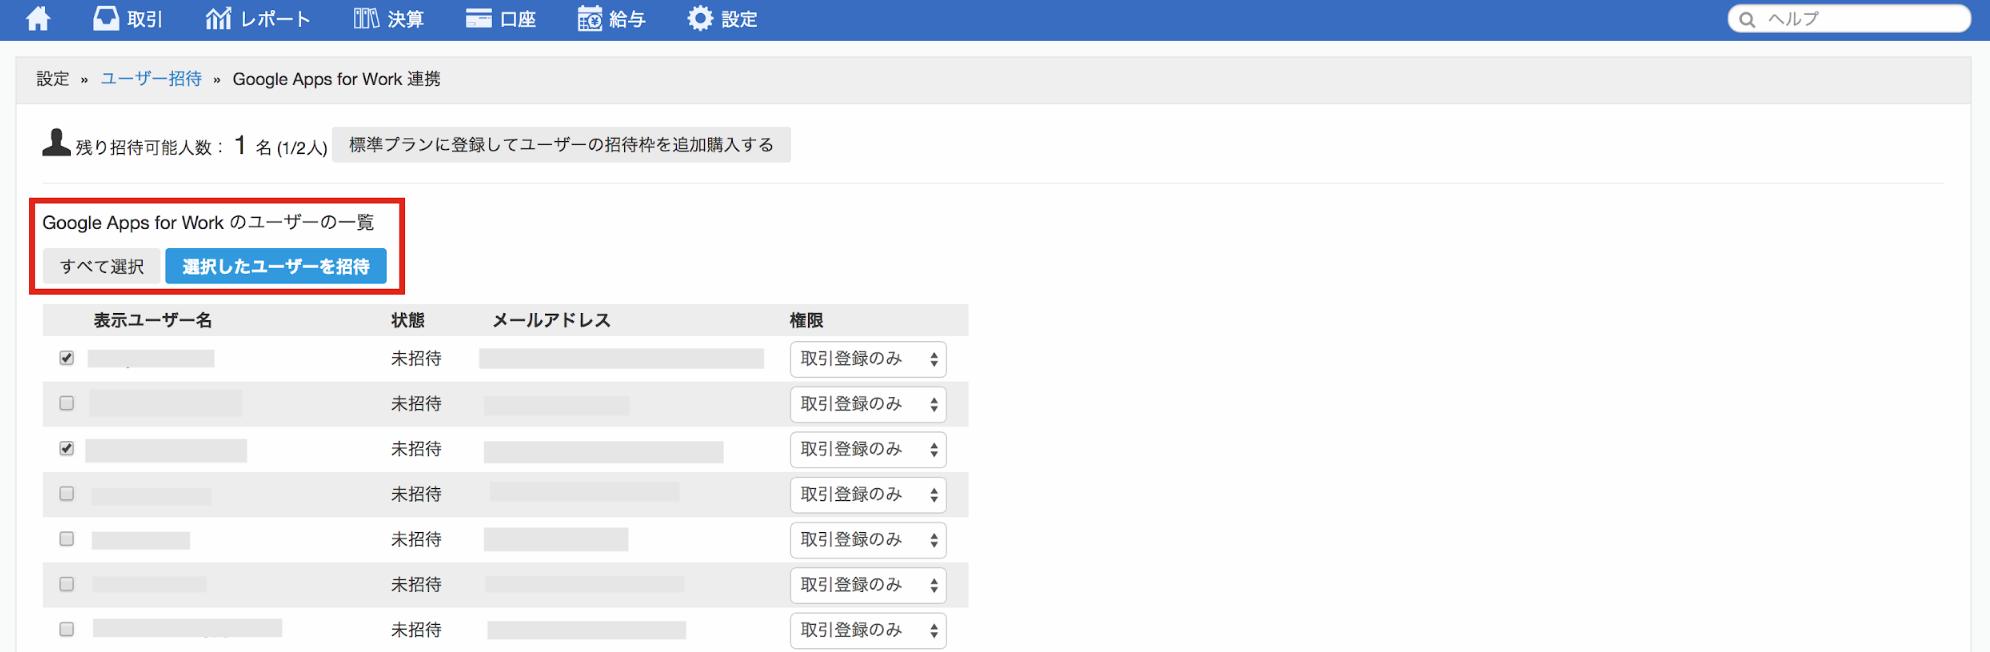 ユーザー招待画面のスクリーンショット